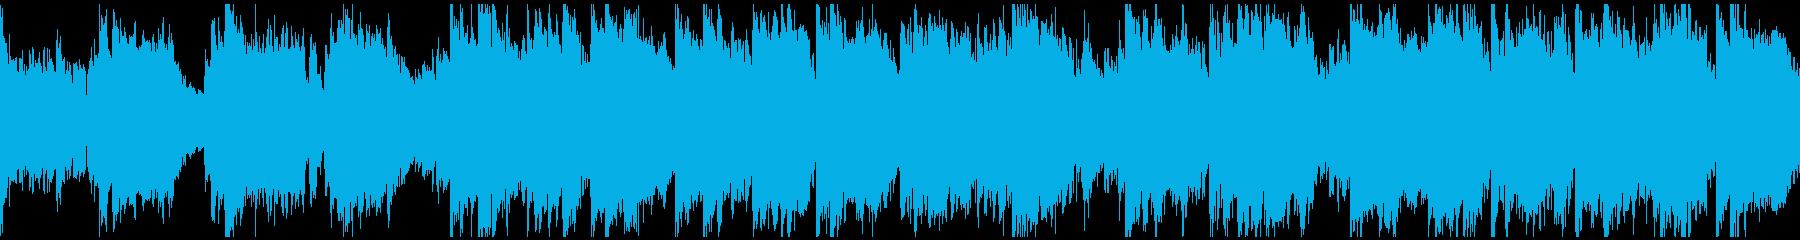 壮大で大河ドラマ的な和風曲※ループ仕様版の再生済みの波形